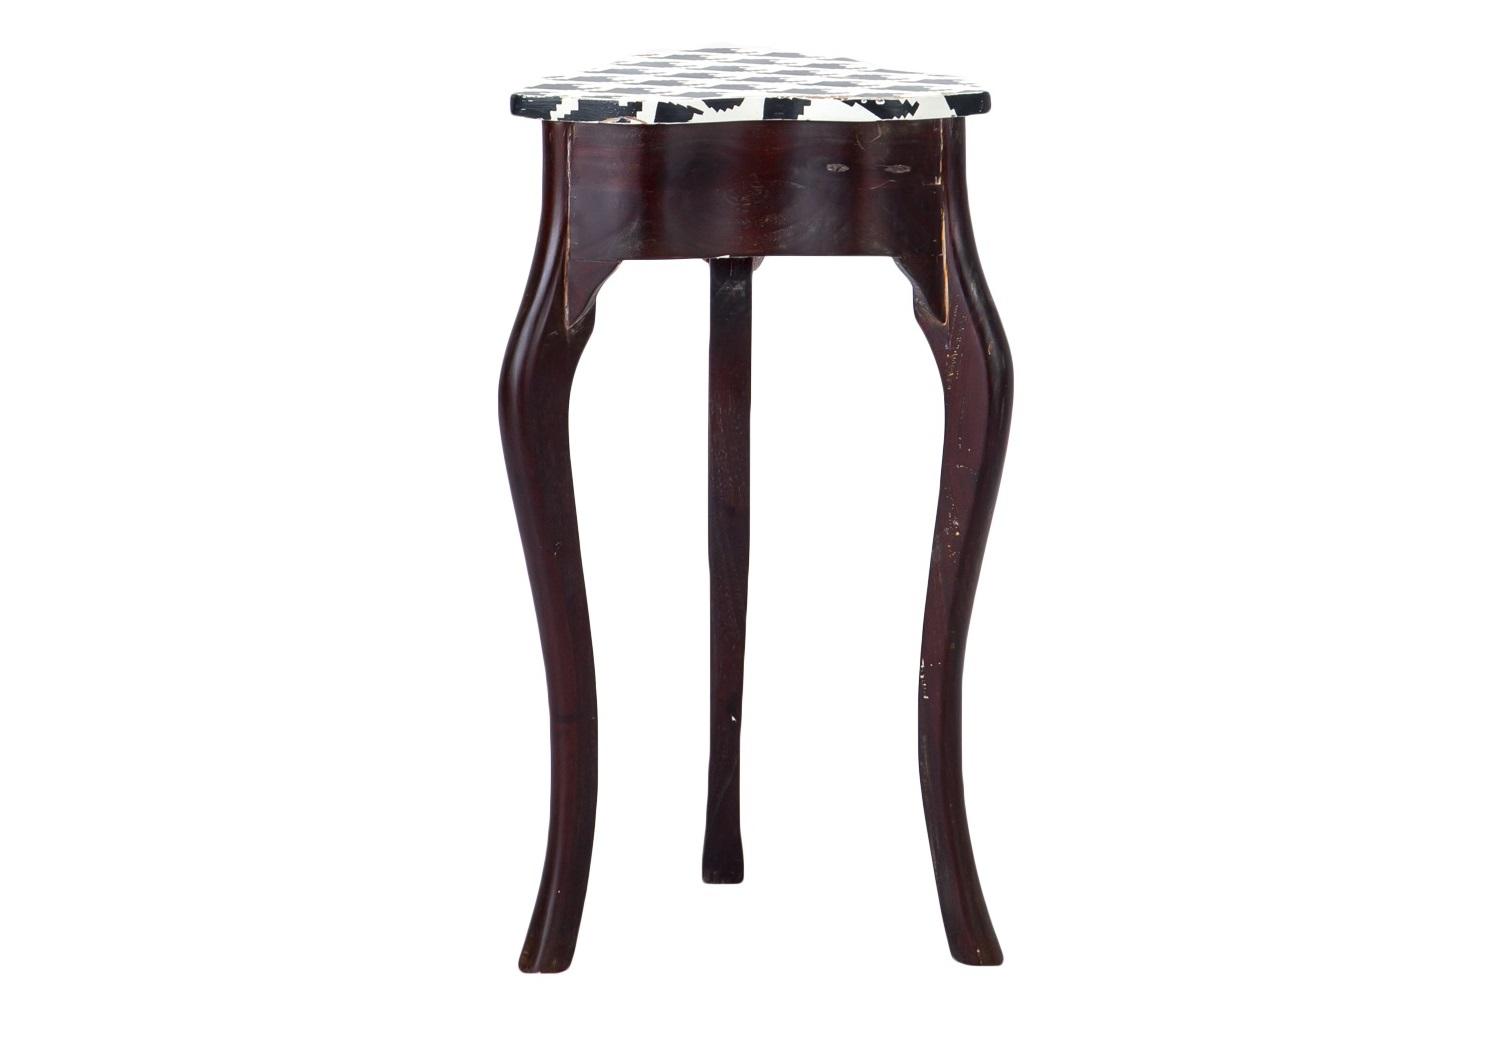 Консольный столикКонсоли с ящиками<br>Консоль (или ламповый столик) из массива дерева махагони с отделением для мелочей, столешница декорирована росписью ручной работы (рисунок гусиная лапка) и старением.<br><br>Material: Красное дерево<br>Ширина см: 44<br>Высота см: 75<br>Глубина см: 44